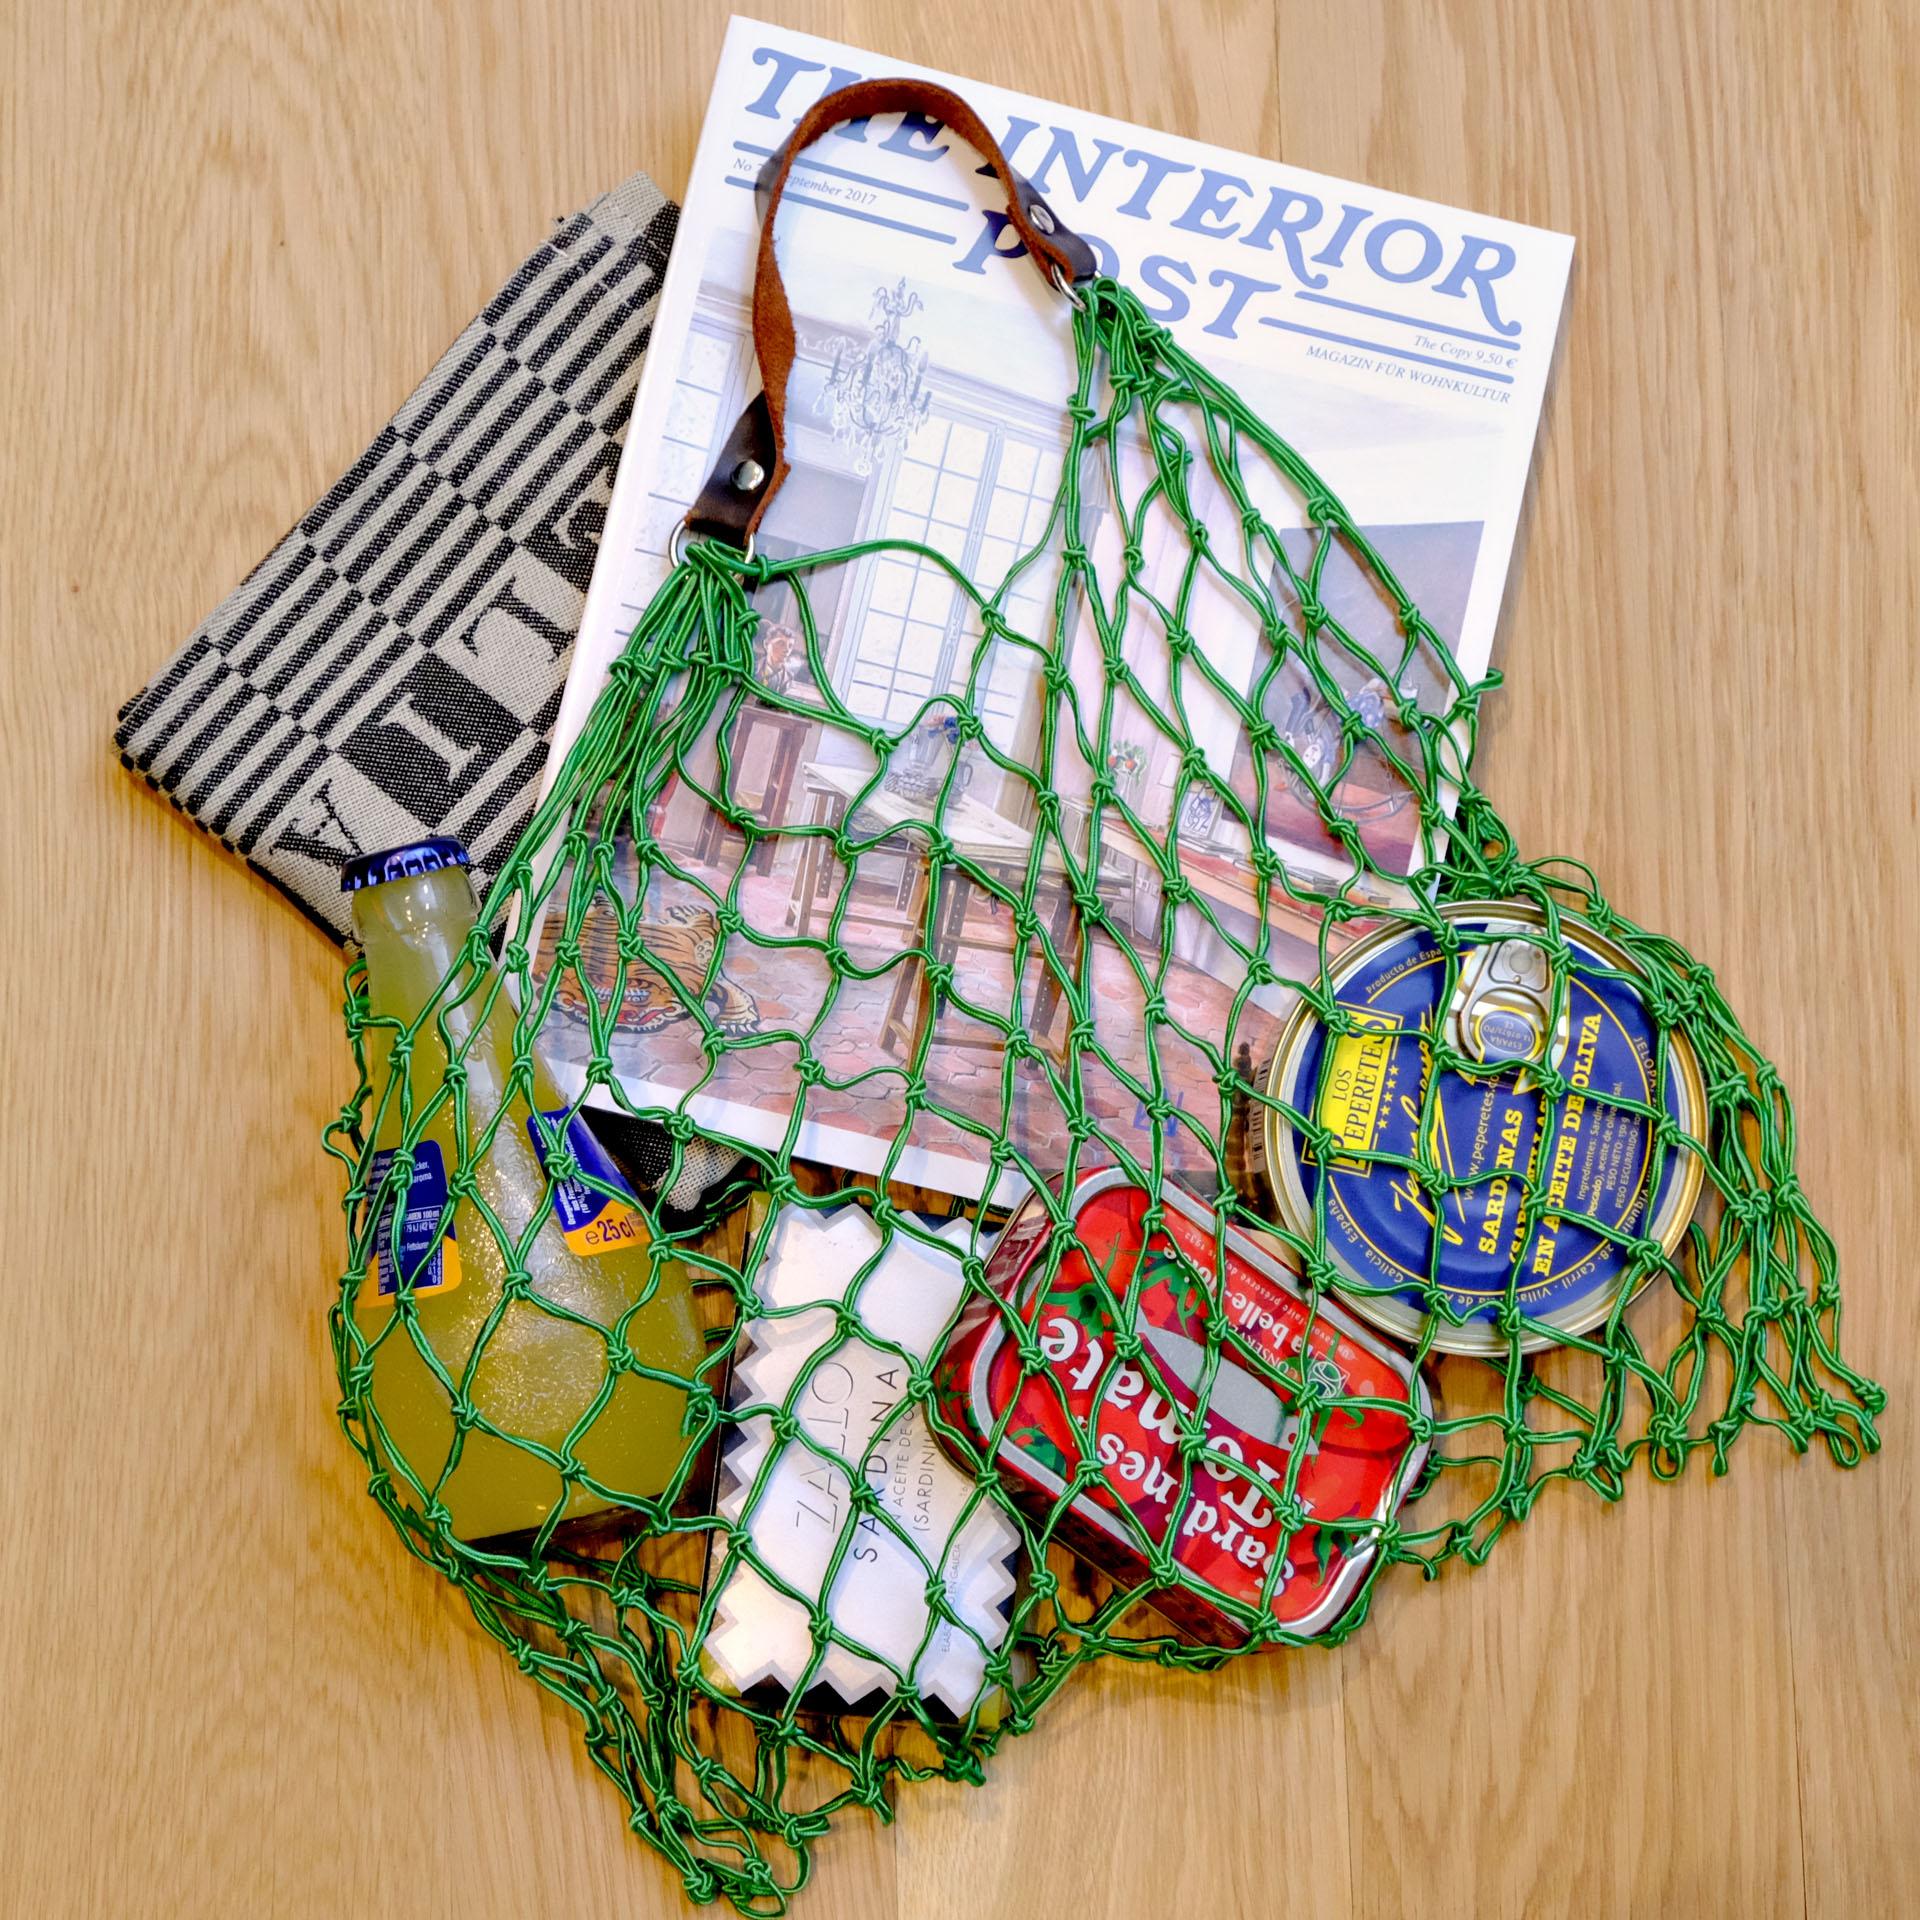 moodbild-cedon-tragenetz-orangina-sardinen-oelsardinen-elias-kuechentuch-interiorpost